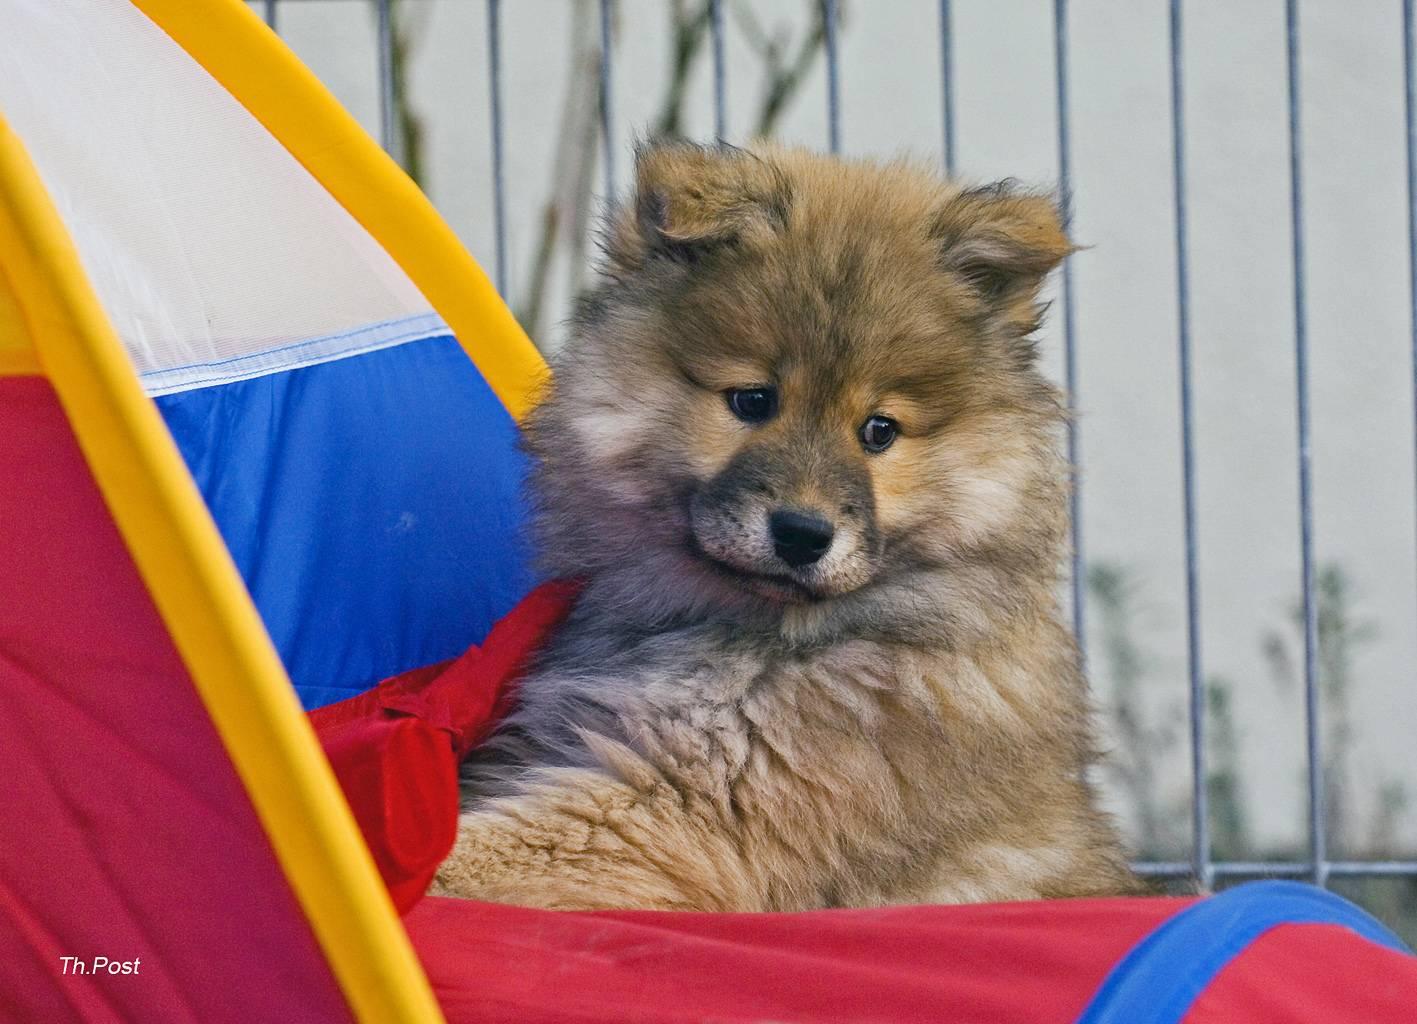 Евразиер: описание породы собак, фото и цены на щенков, выставочные стандарты и дисквалифицирующие пороки